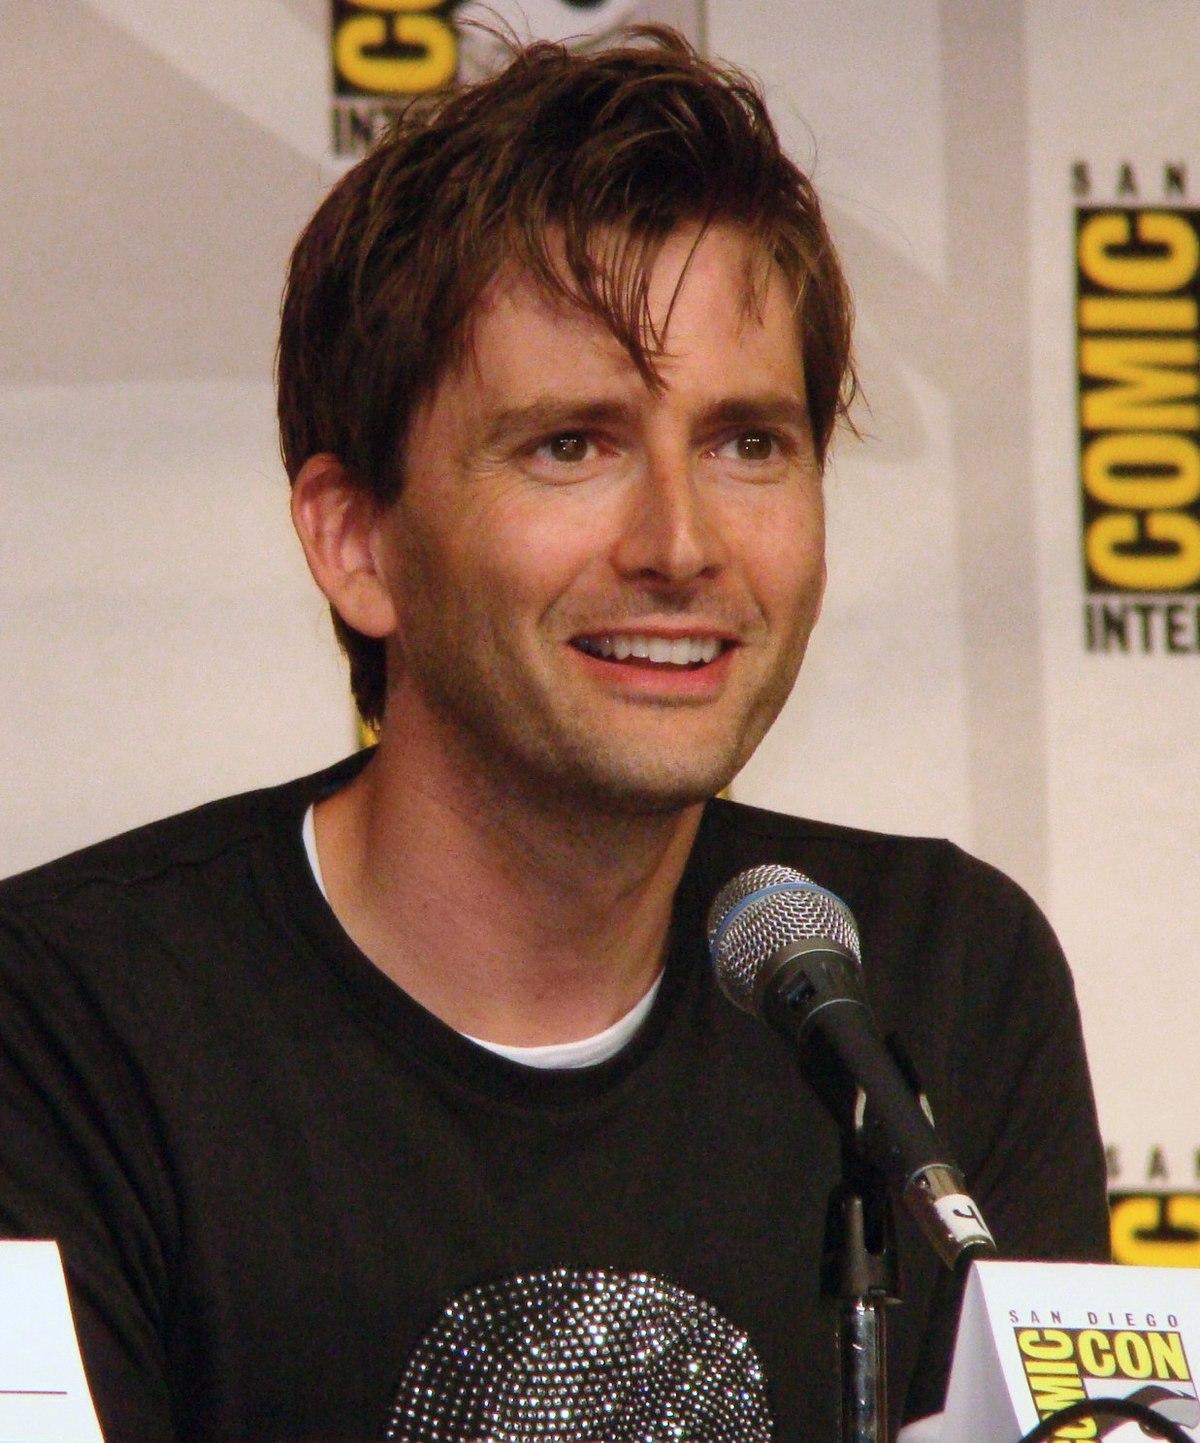 David Tennant - Wikipedia